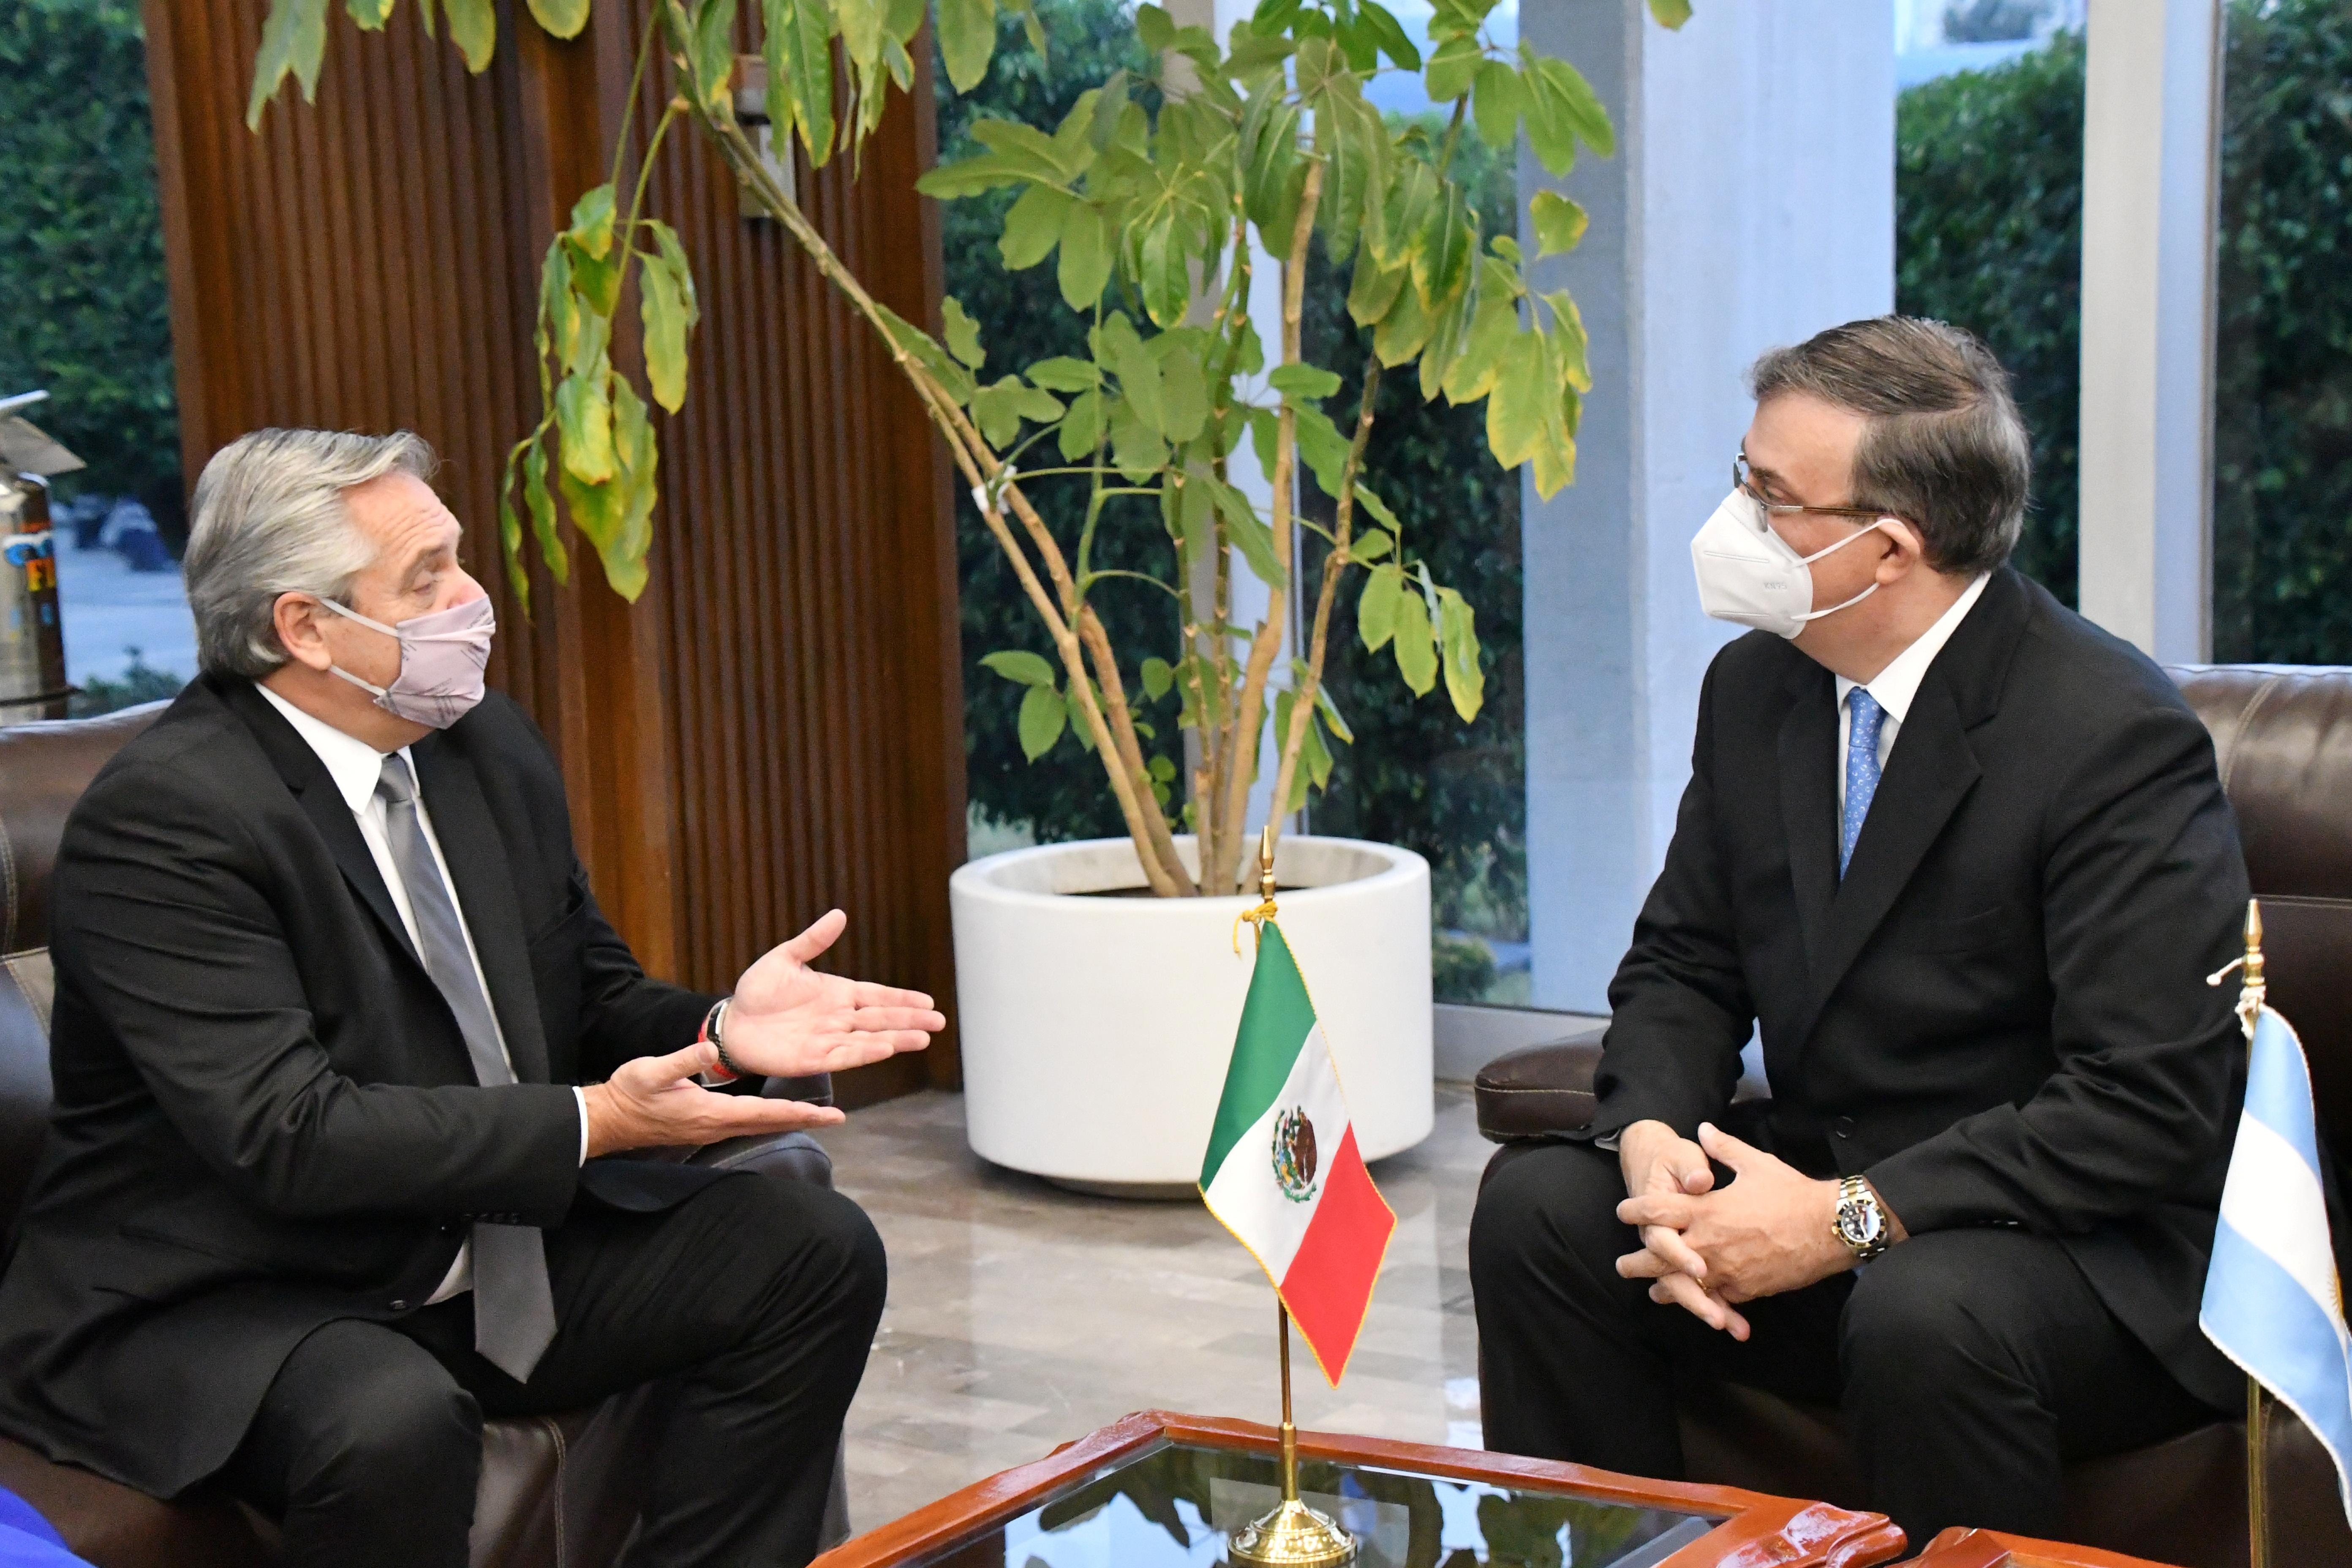 El presidente de Argentina Alberto Fernández y el secretario de Relaciones Exteriores de México Marcelo Ebrard.